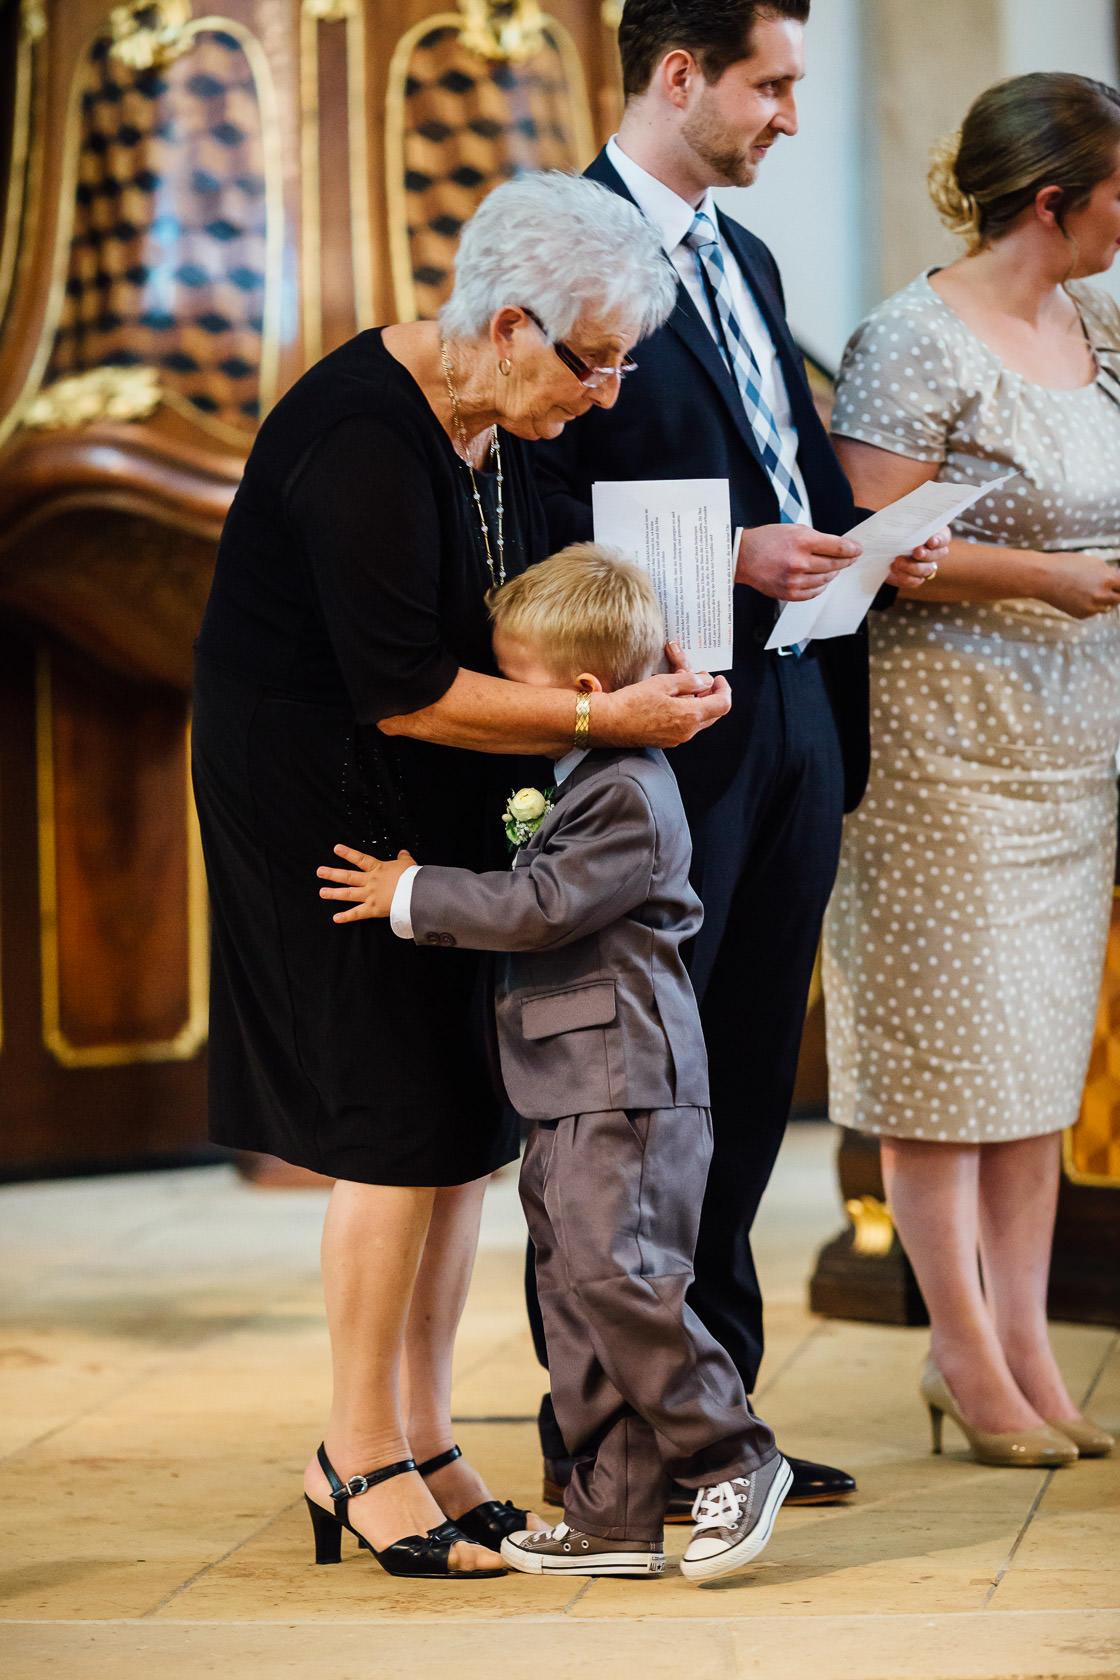 Hochzeit Carmen und Dirk in Bad Kreuznach Trauung in der Pauluskirche Momente und Details